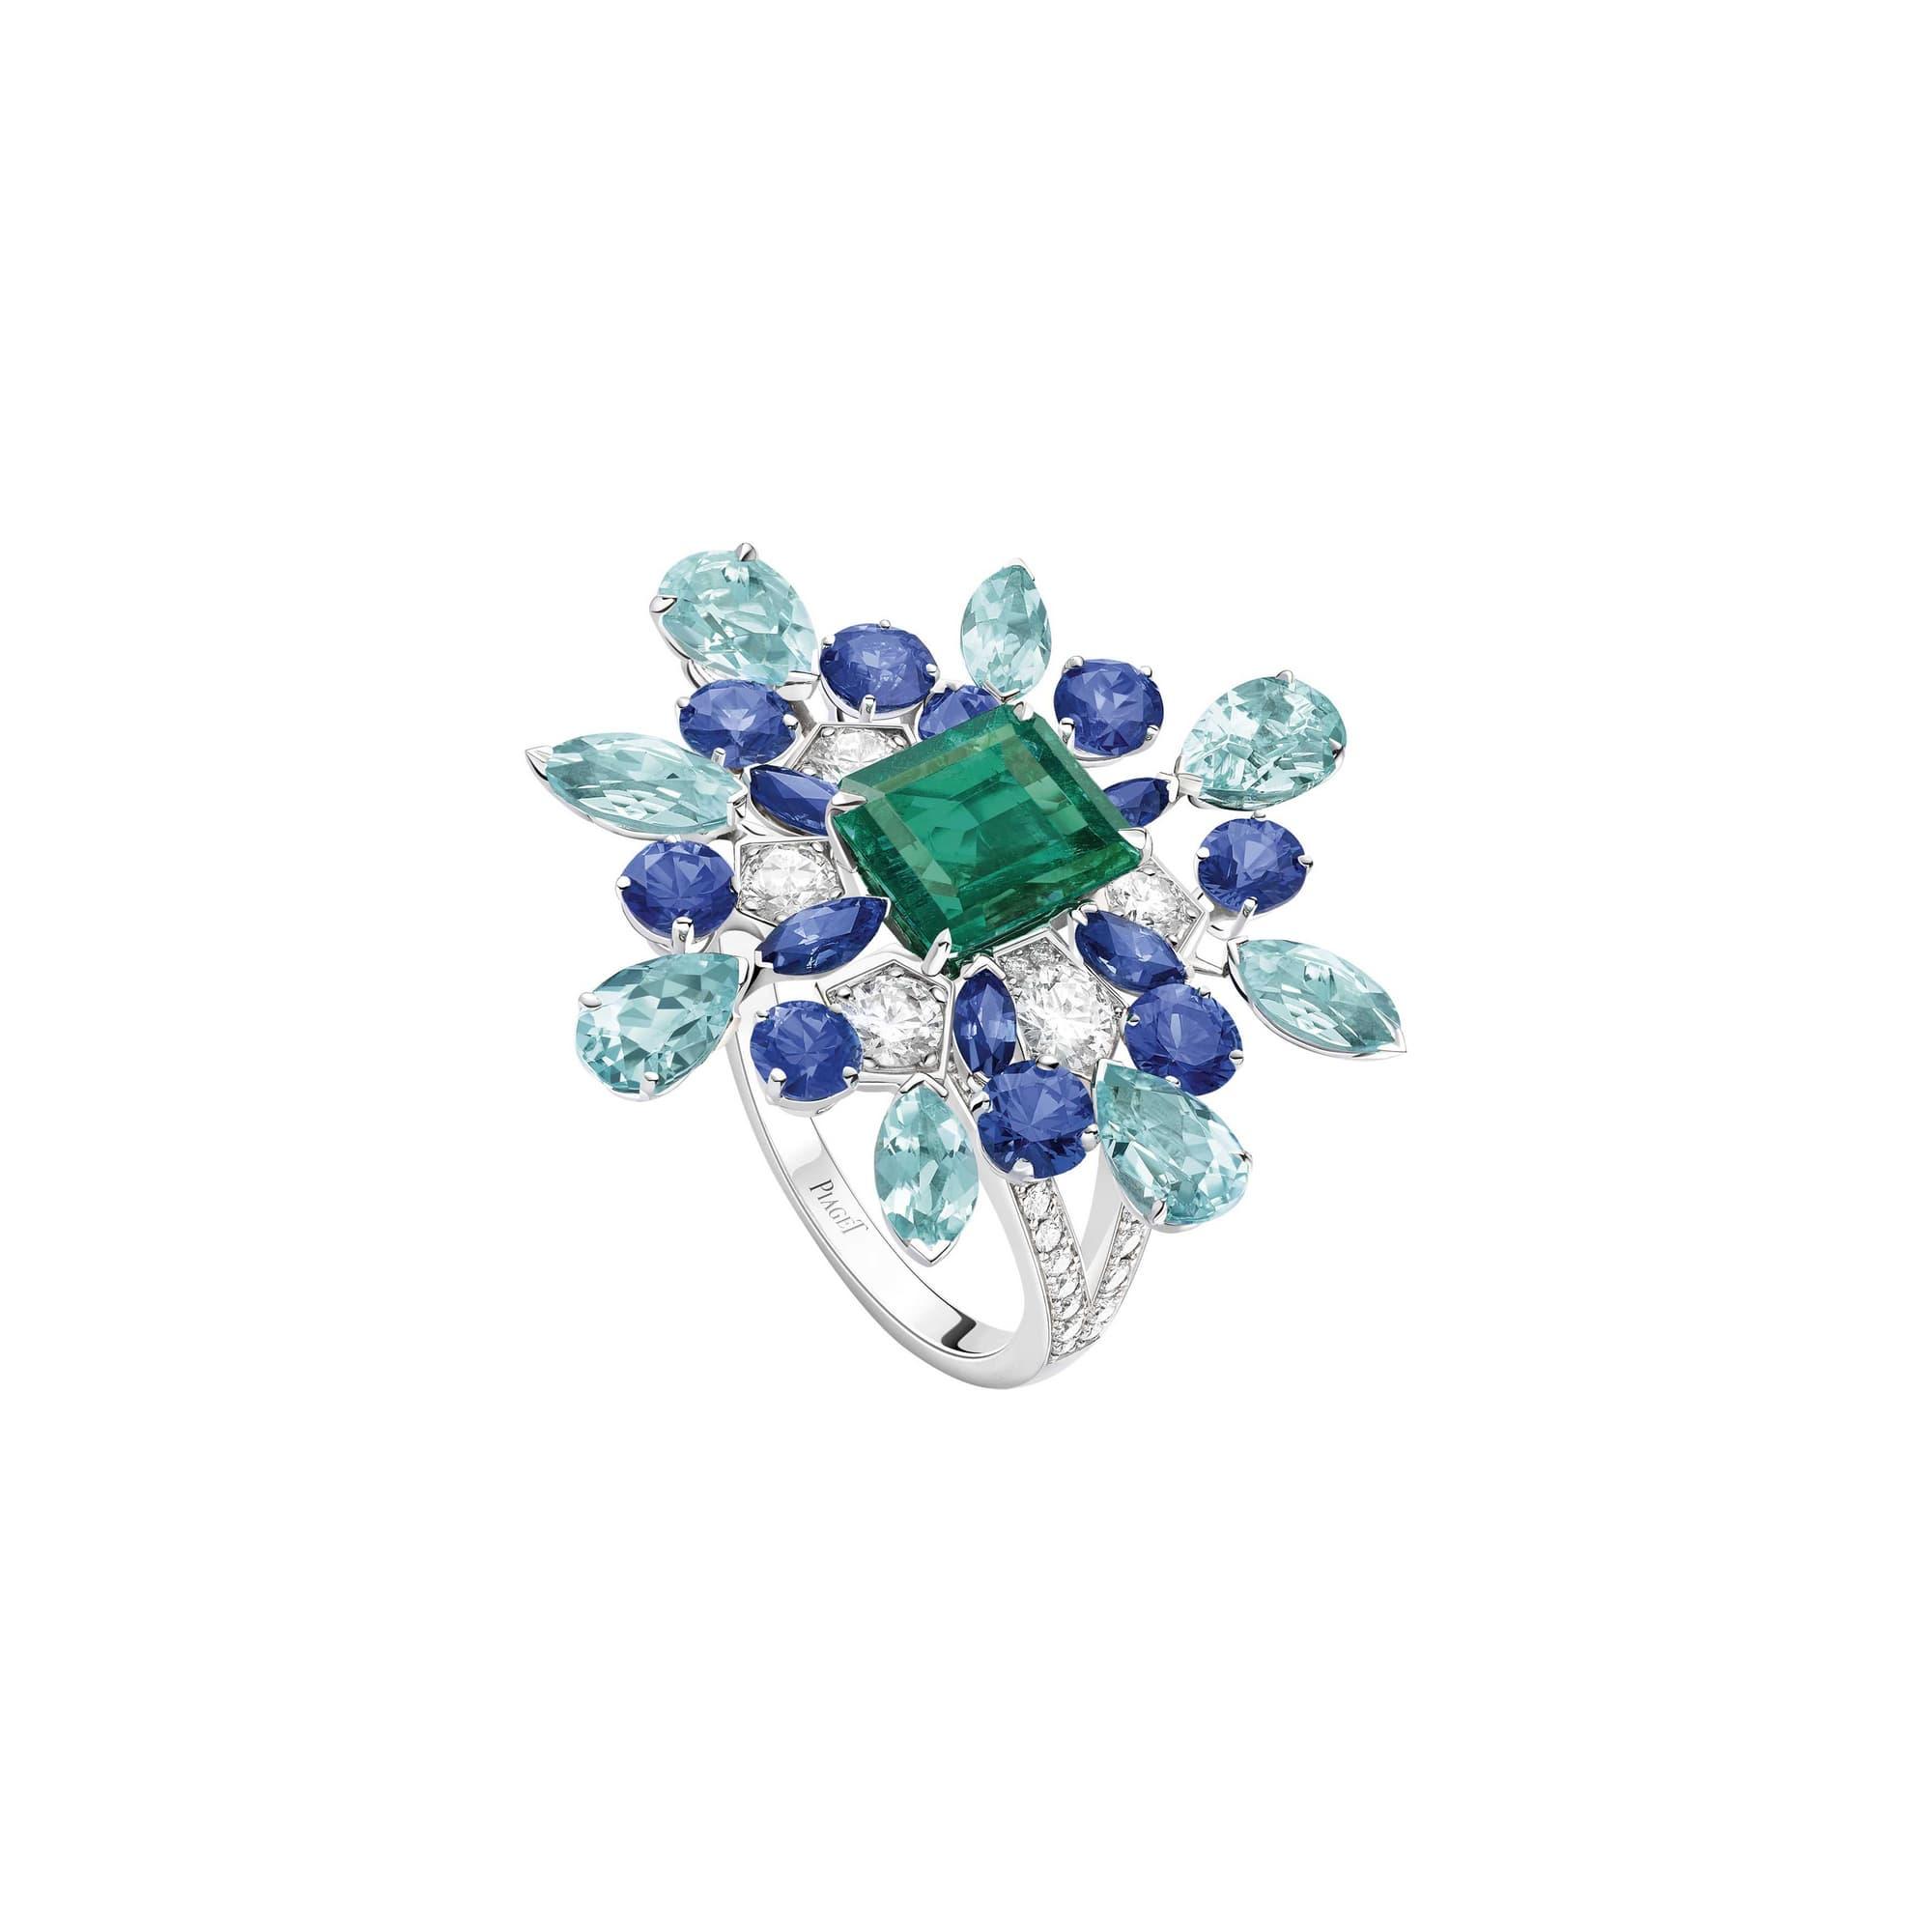 高级珠宝珍贵宝石戒指